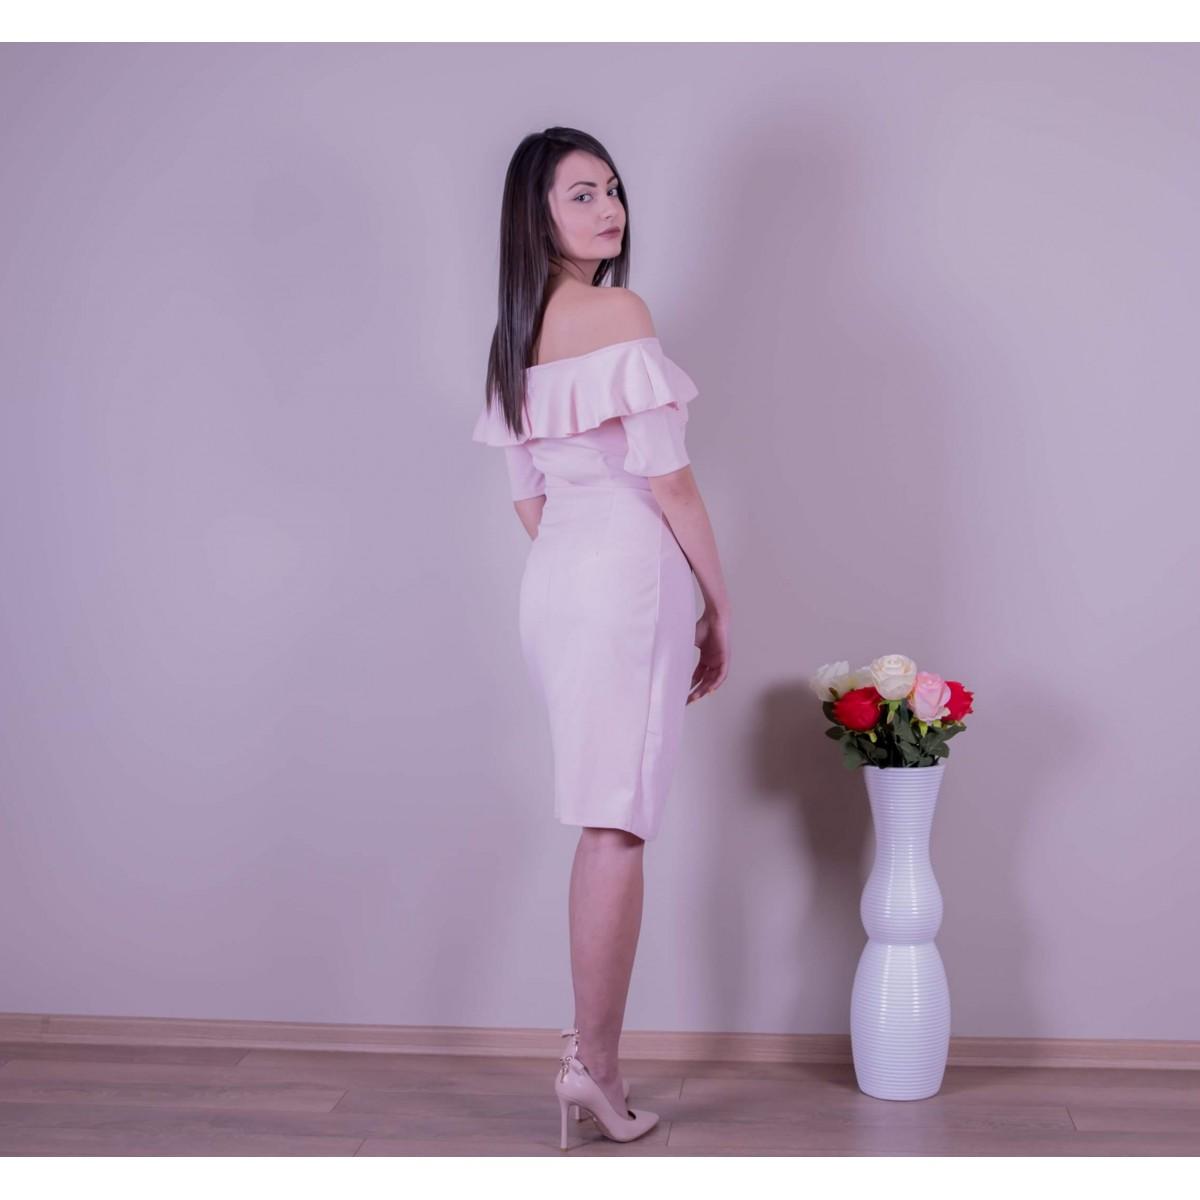 Розова рокля с цепка  Снимка 2 от 3